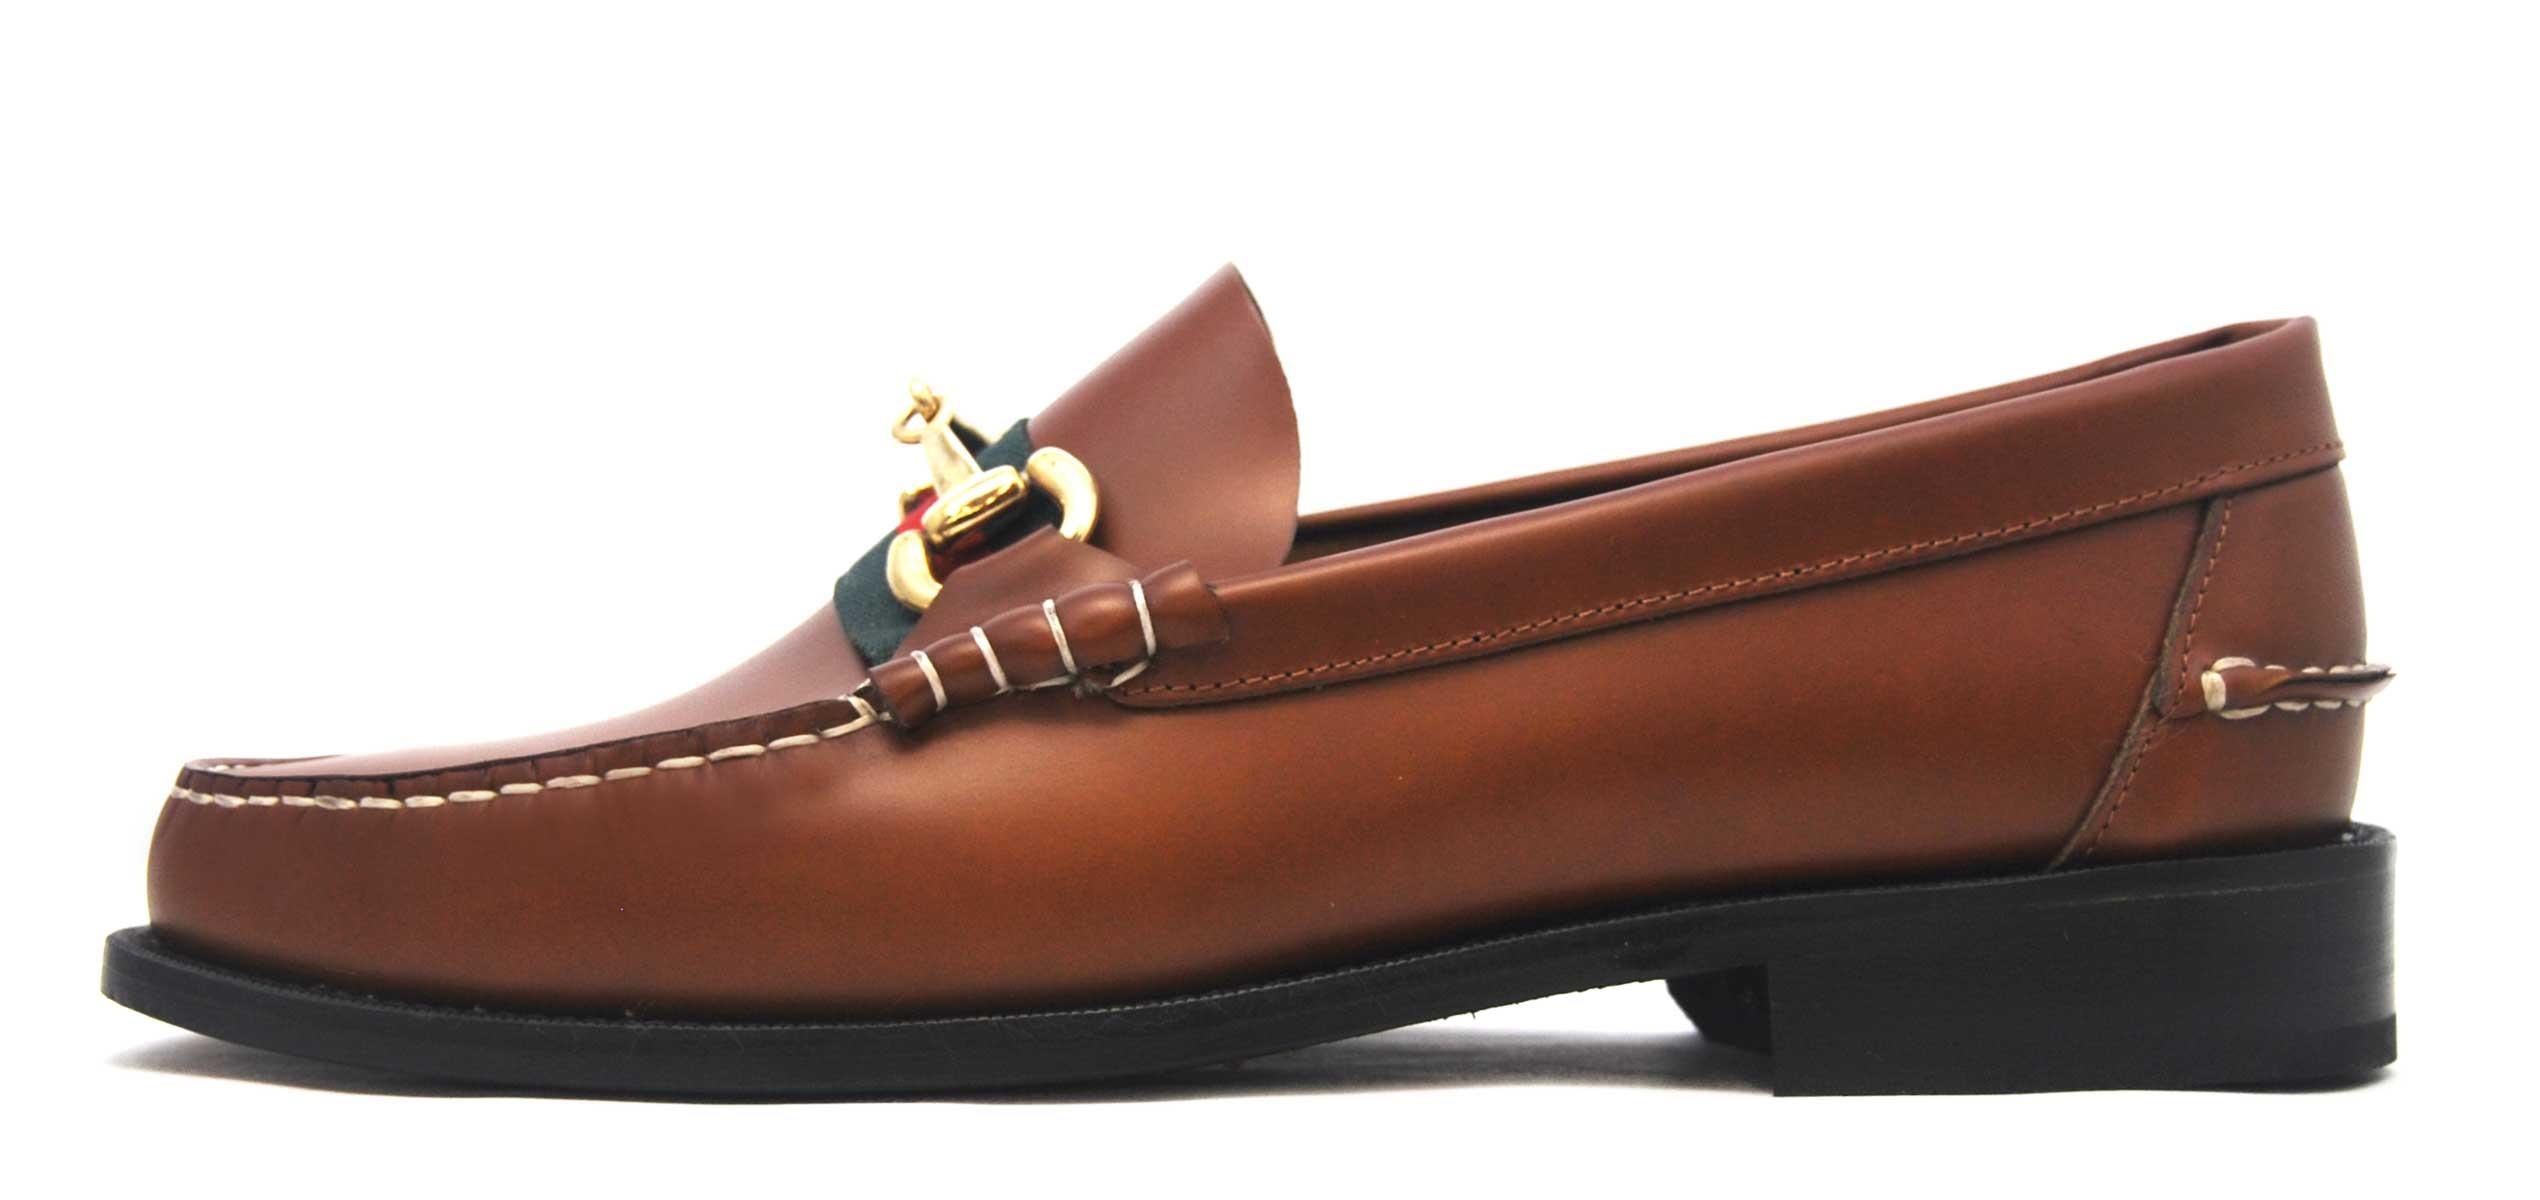 Foto 1 de Zapato Castellano 105 Gucci con Estribo